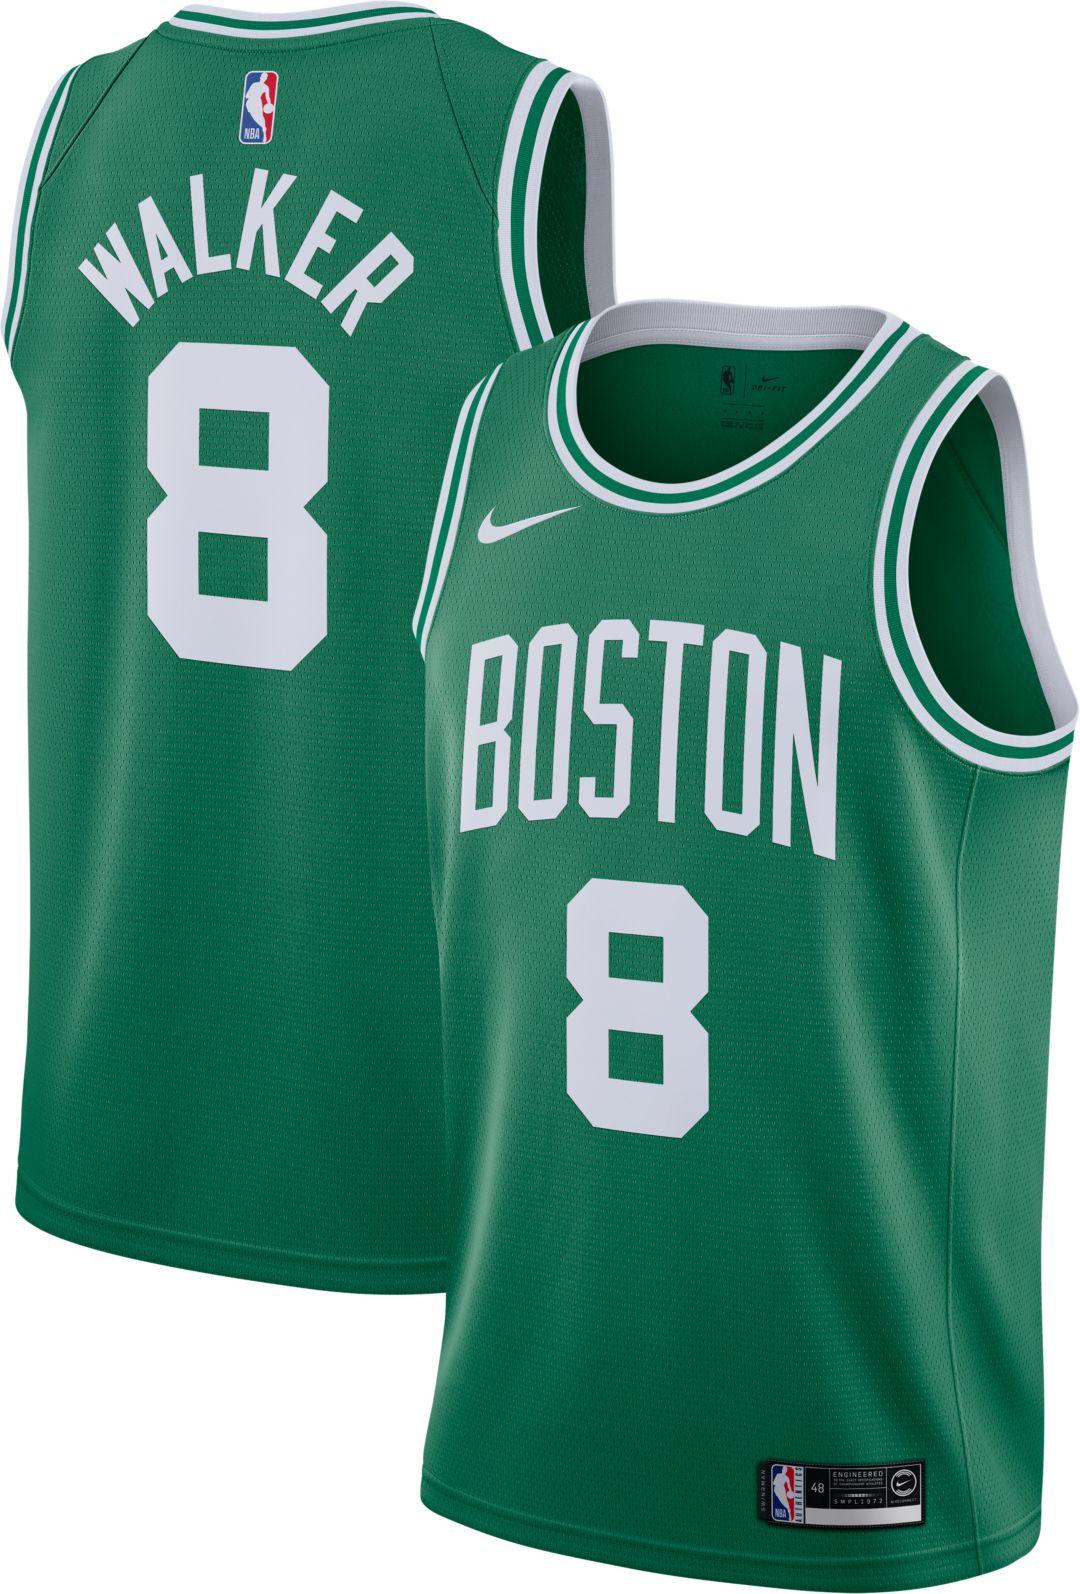 no sale tax lowest discount sale online Nike Men's Boston Celtics Kemba Walker #8 Kelly Green Dri-FIT Swingman  Jersey